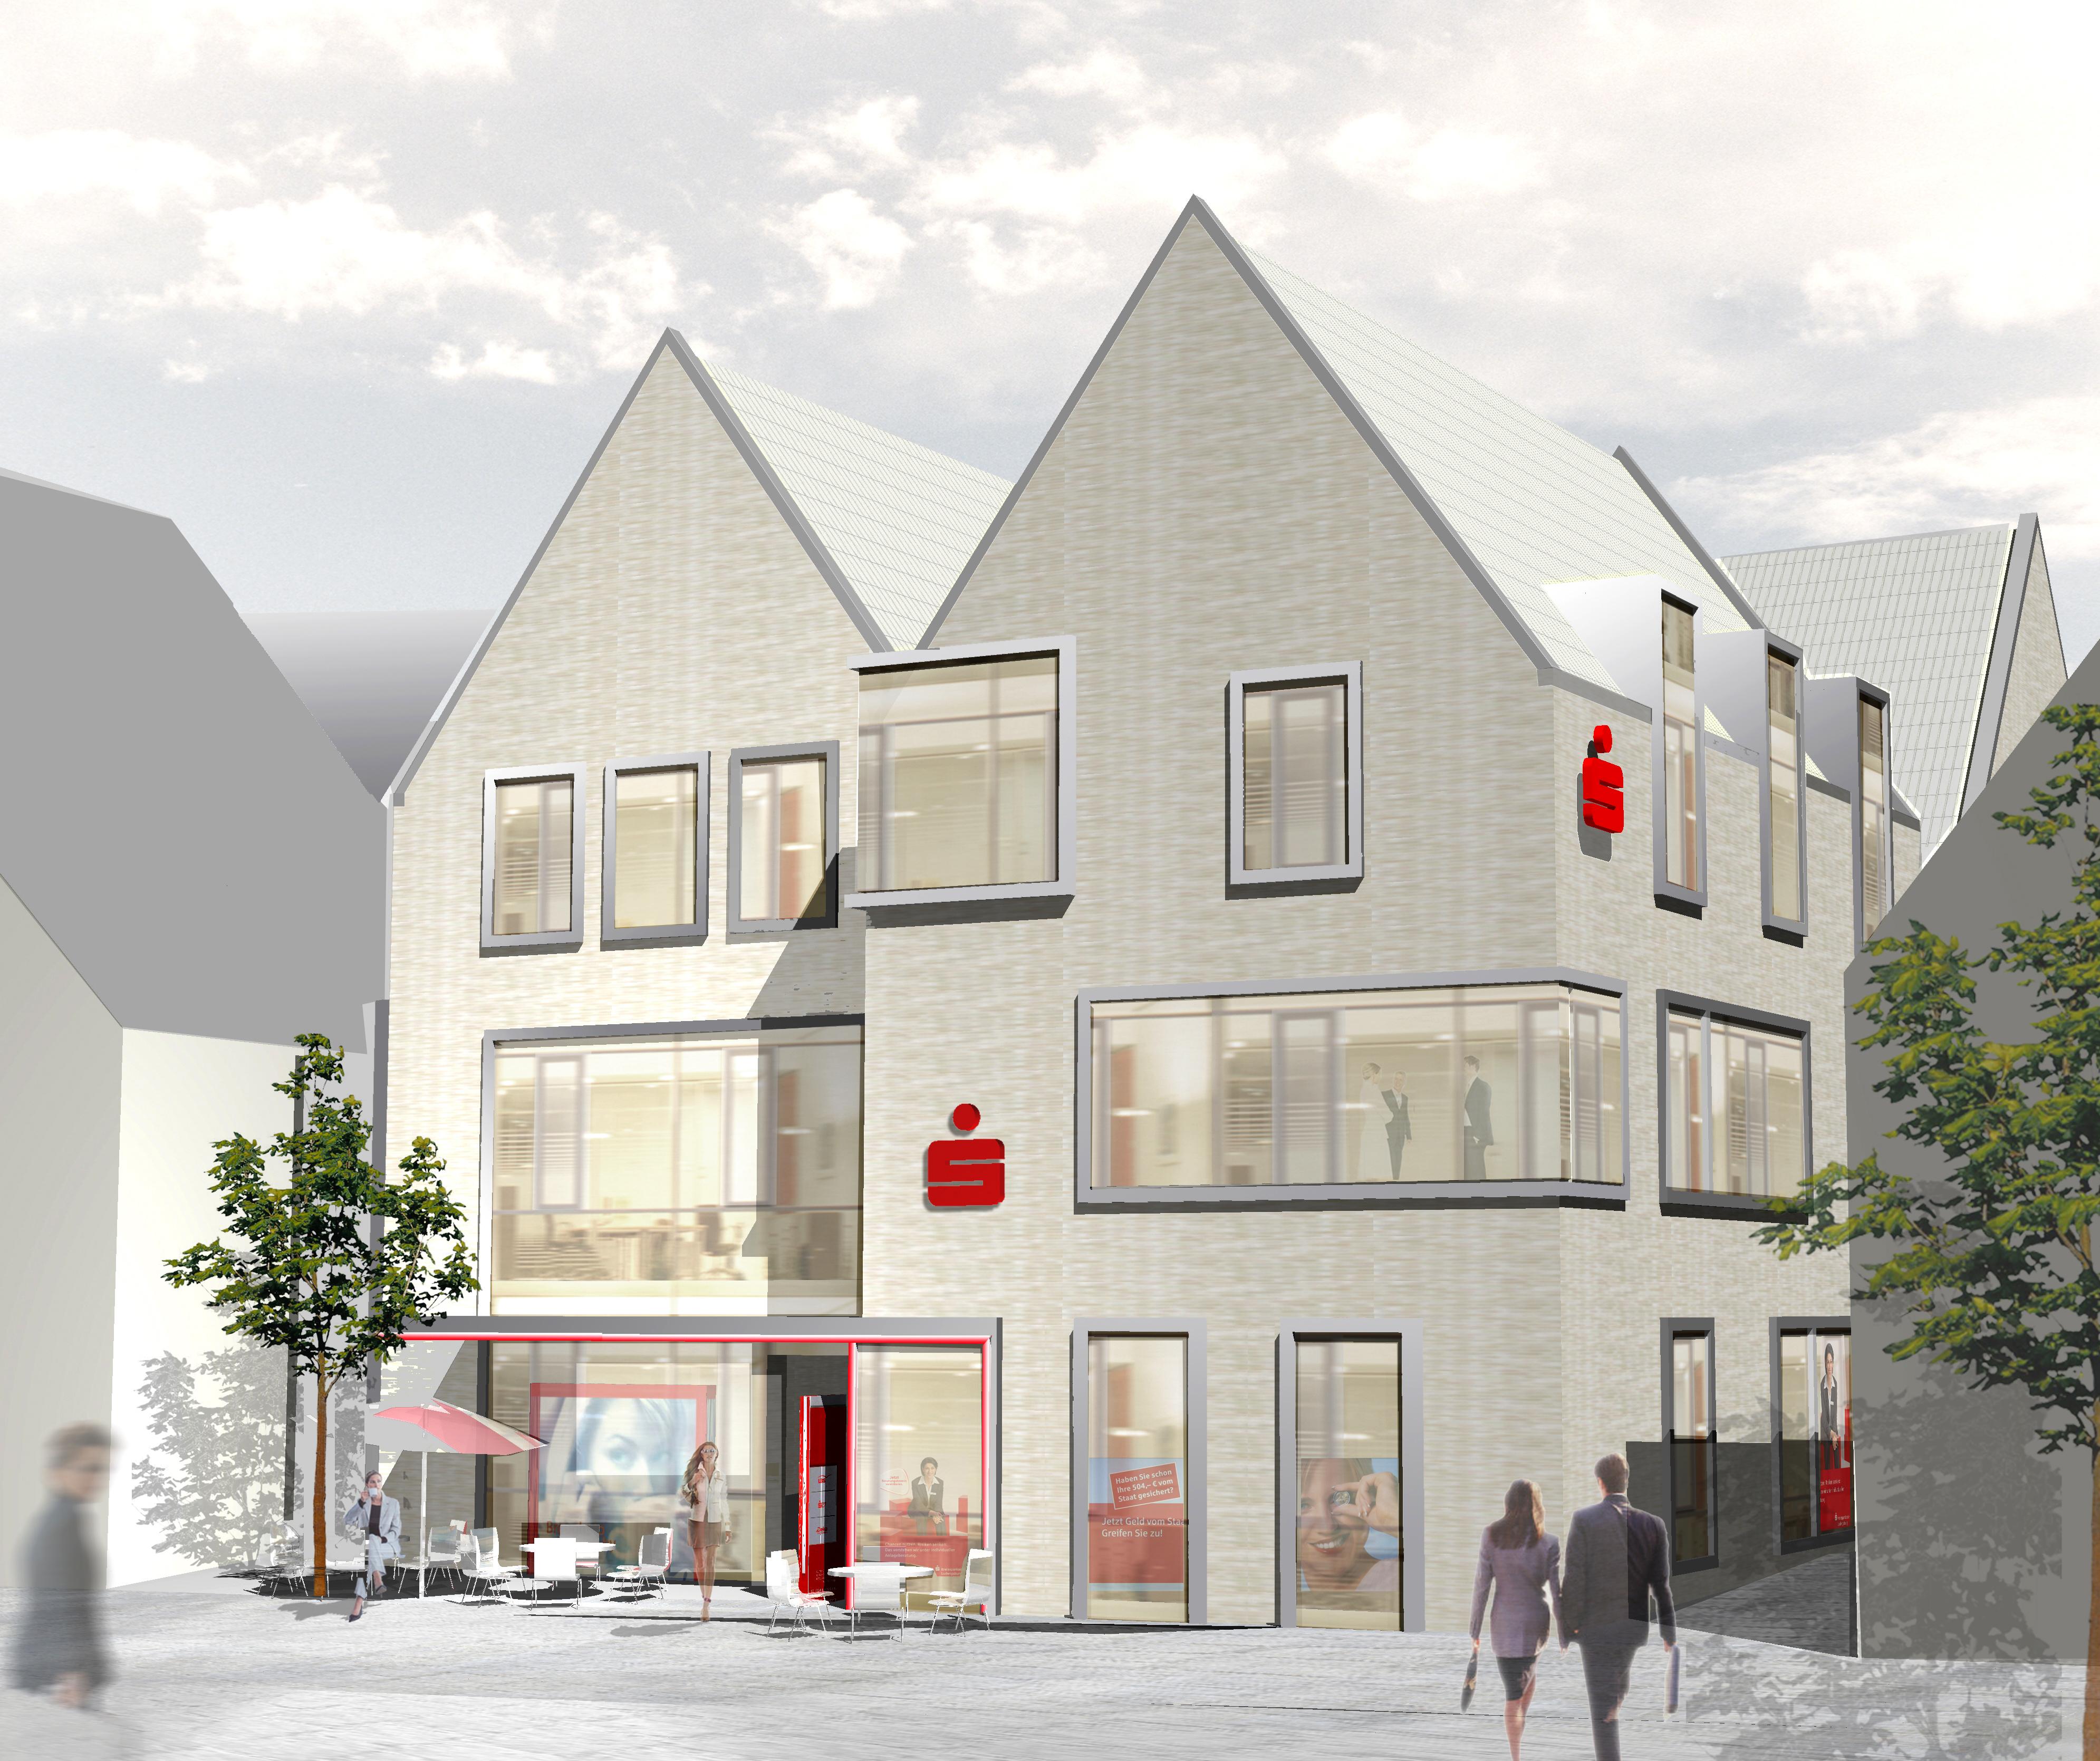 Neubau in historischem Altstadtkern Vaihingen-Enz